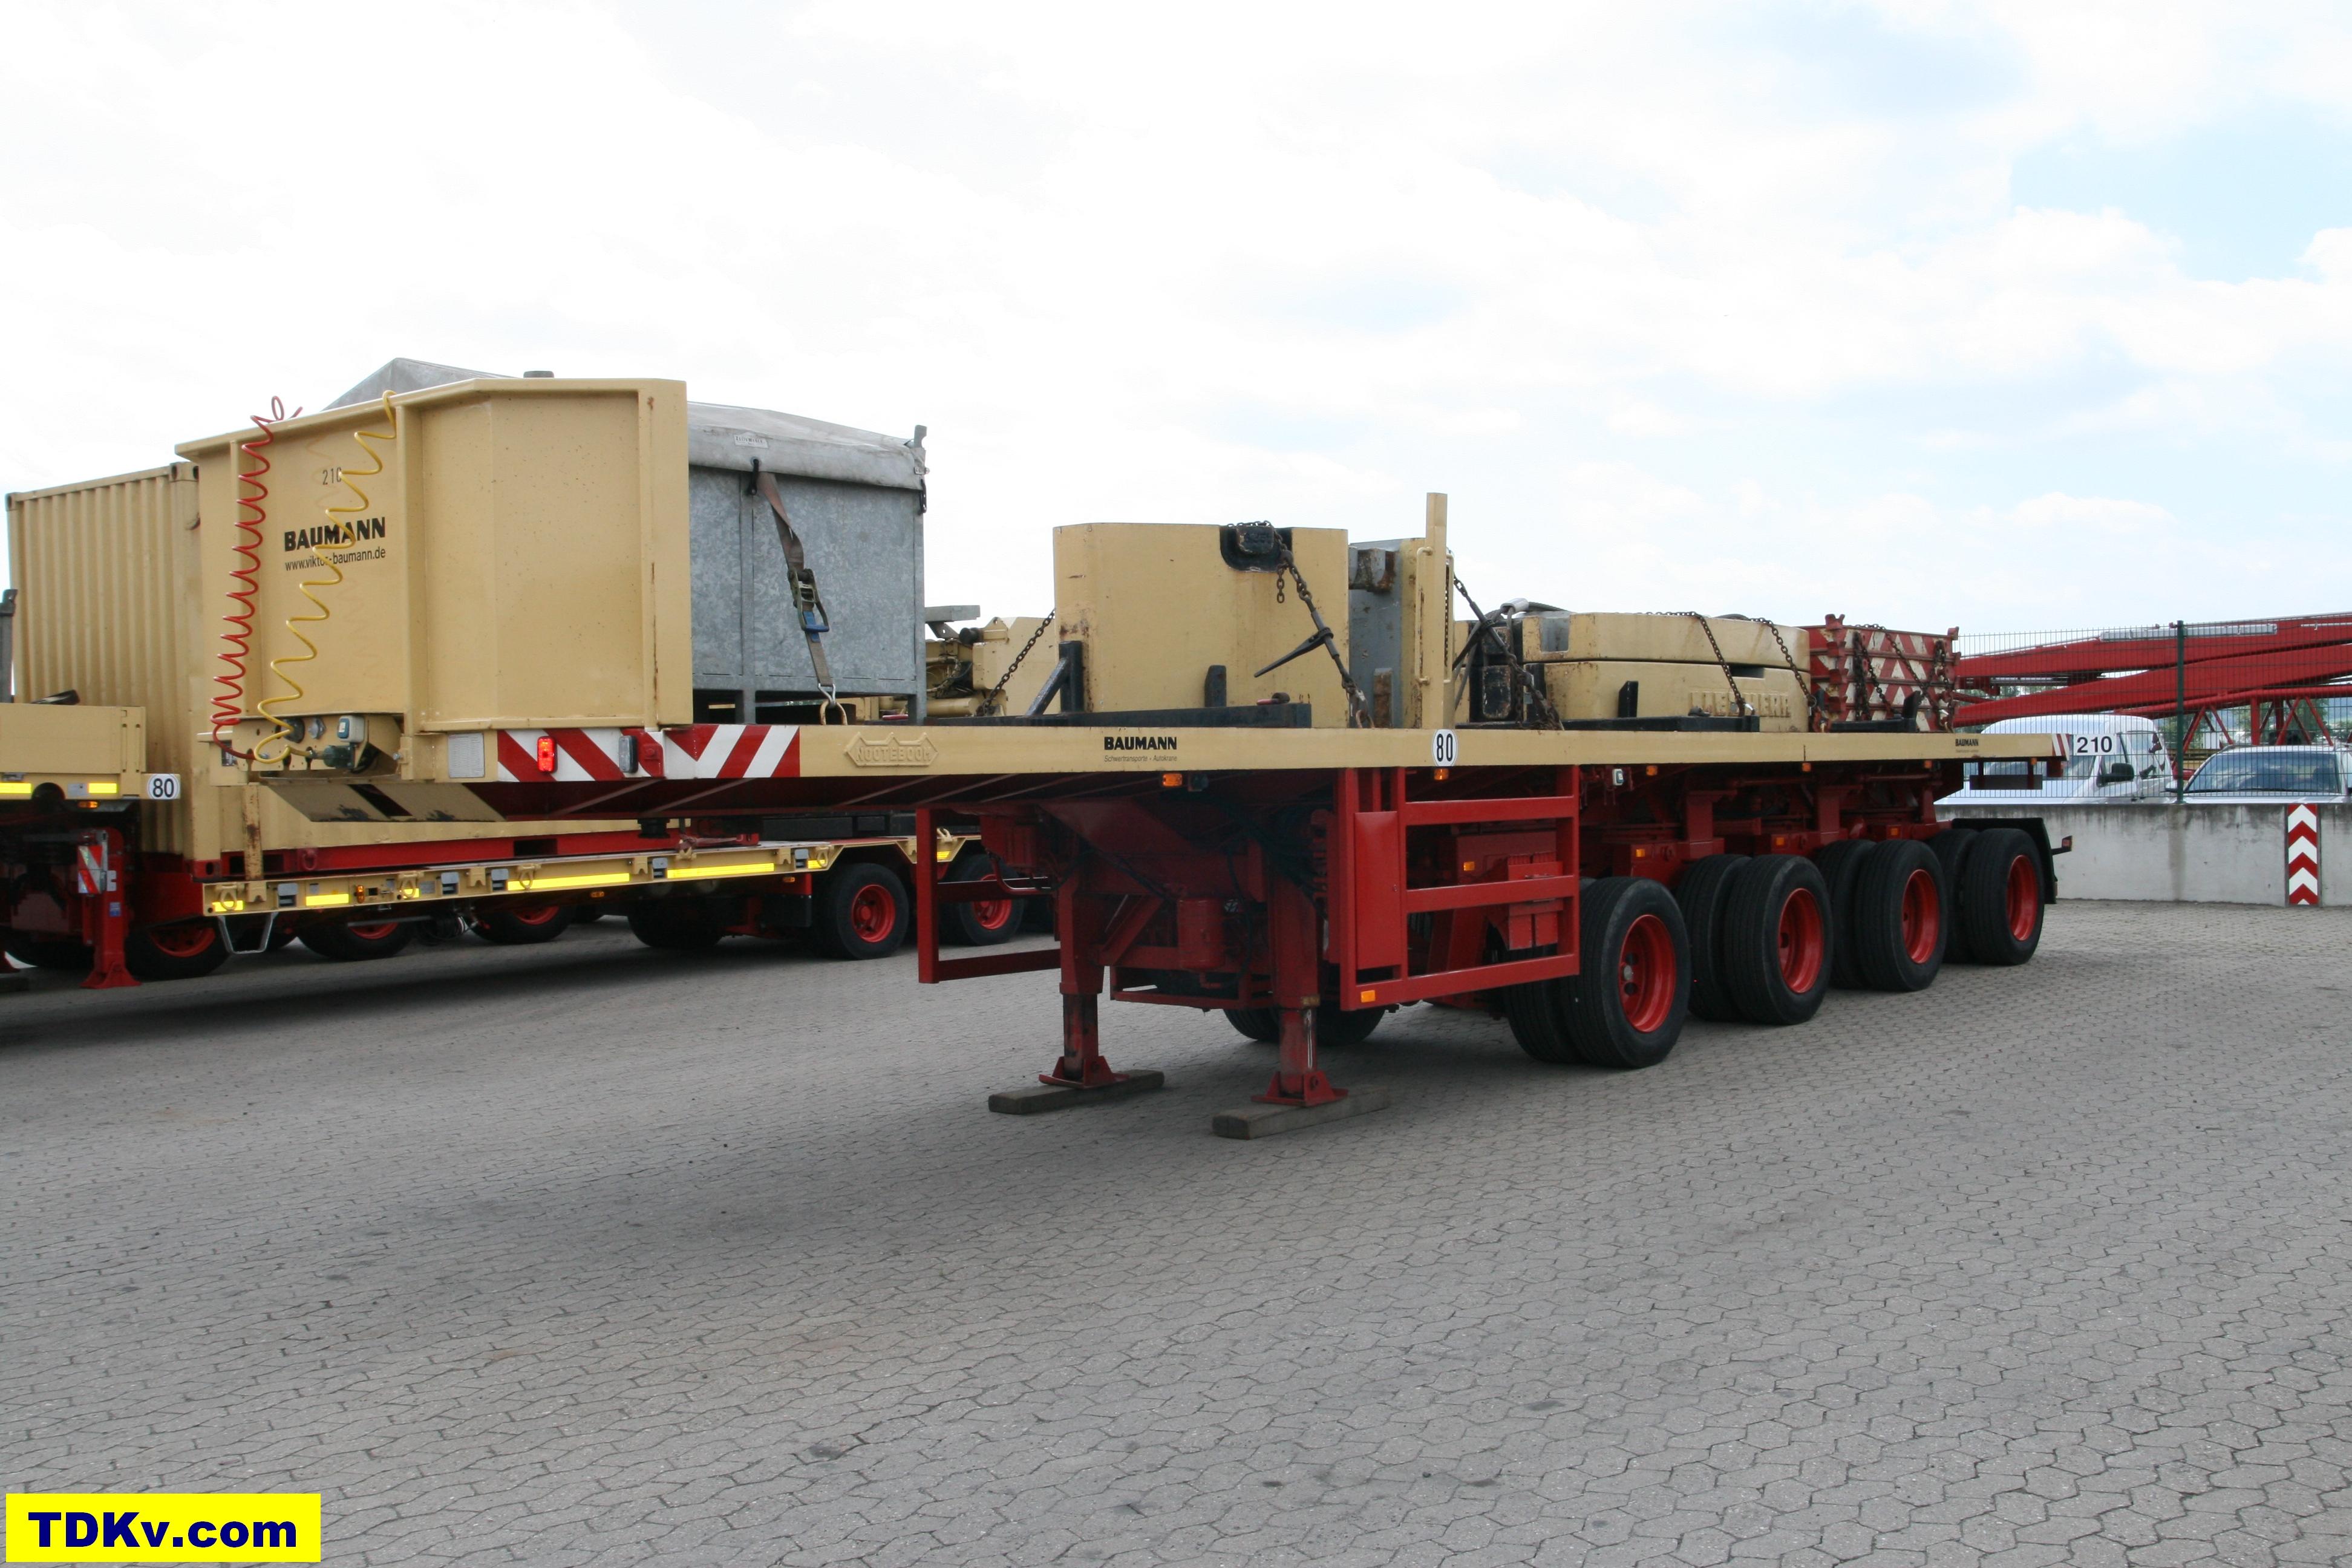 Baumann 4-Axle Ballasttrailer